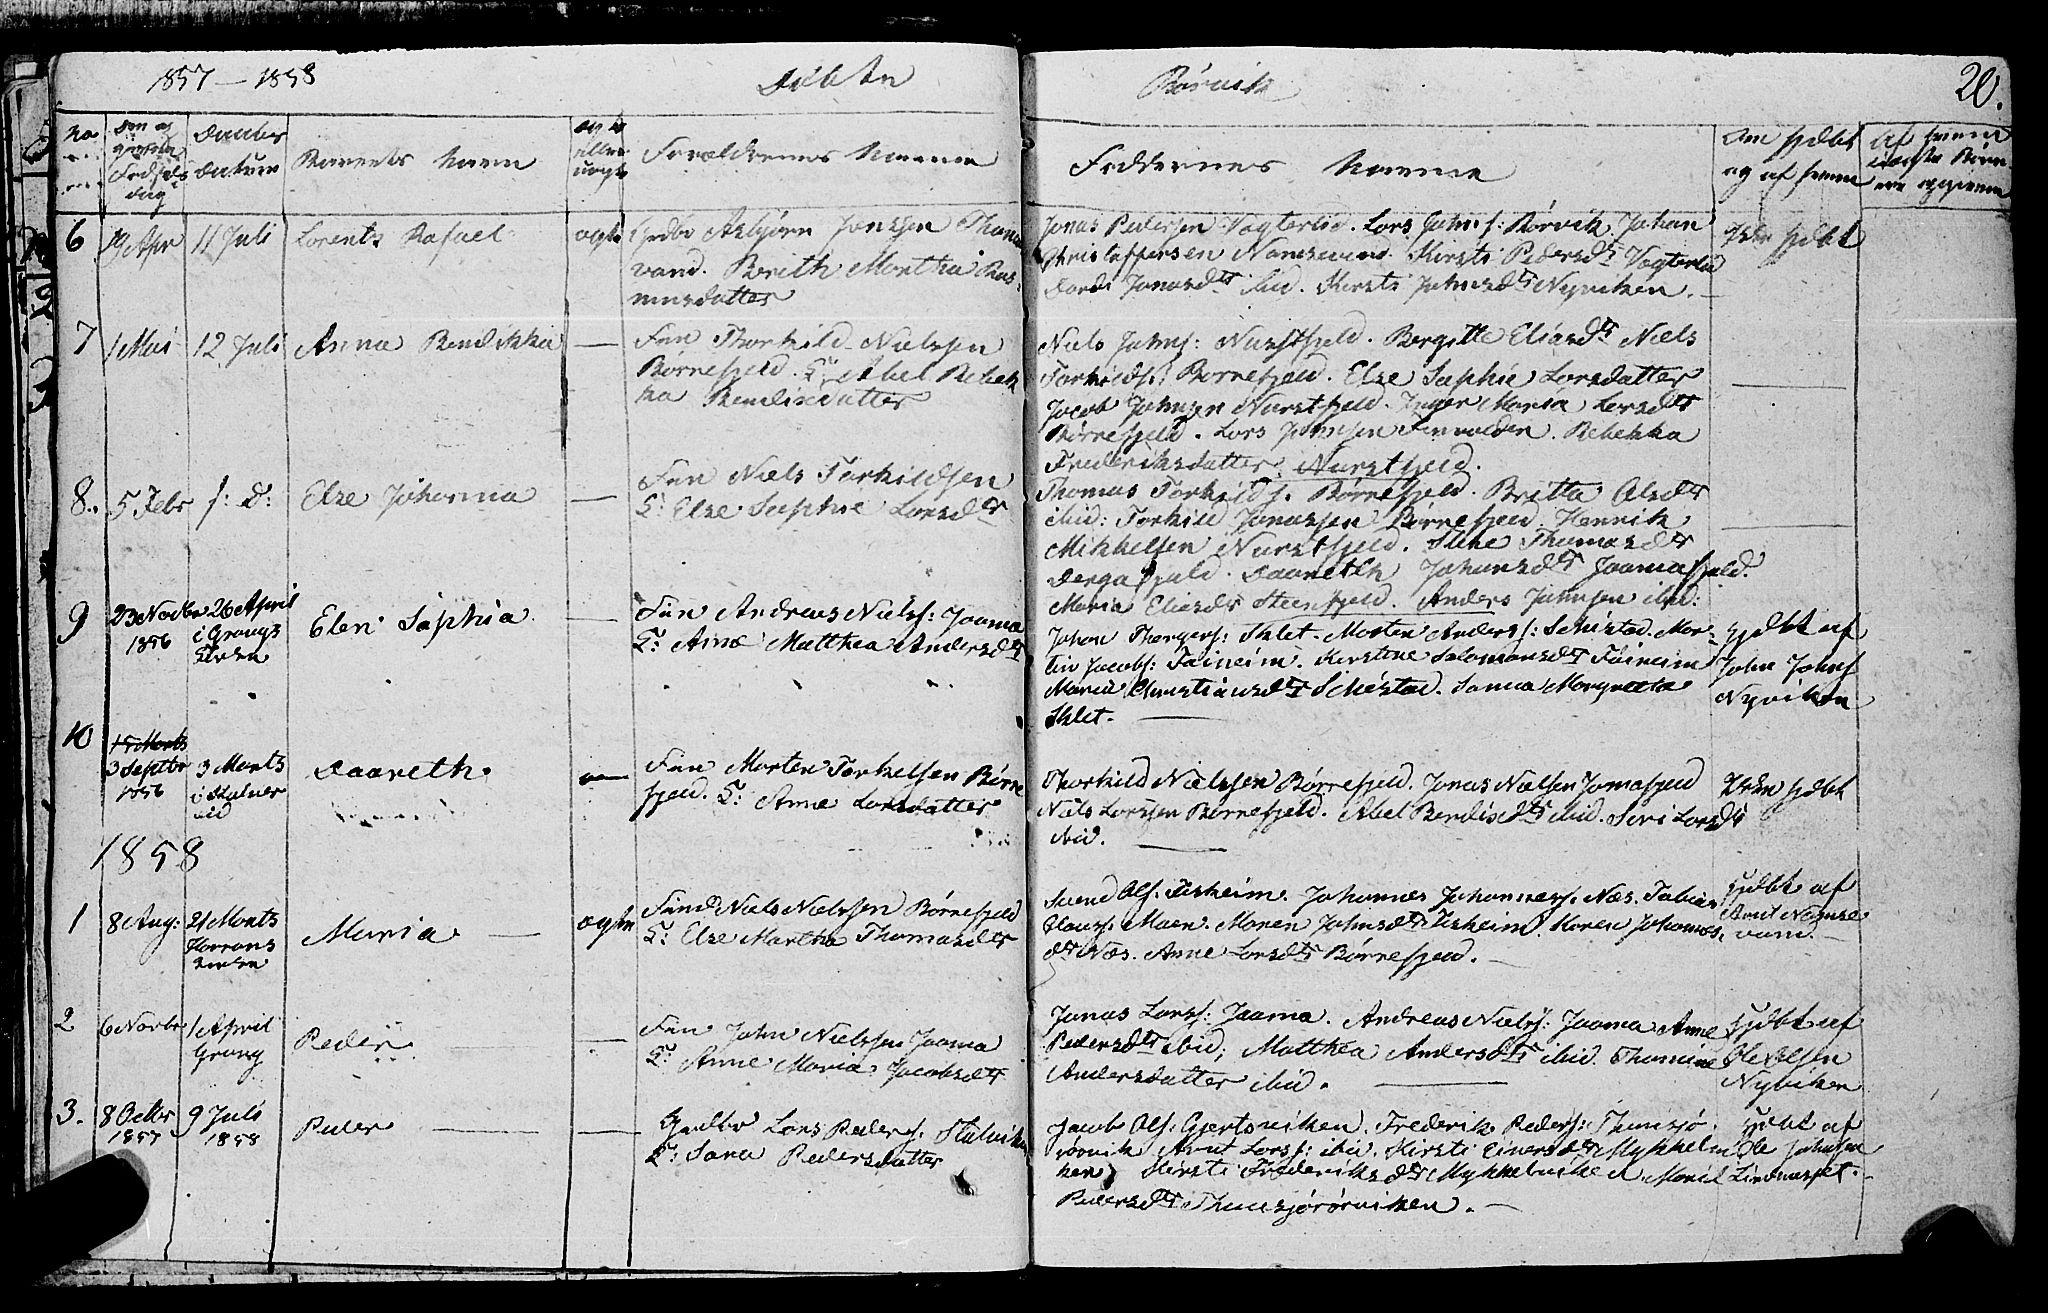 SAT, Ministerialprotokoller, klokkerbøker og fødselsregistre - Nord-Trøndelag, 762/L0538: Ministerialbok nr. 762A02 /1, 1833-1879, s. 20